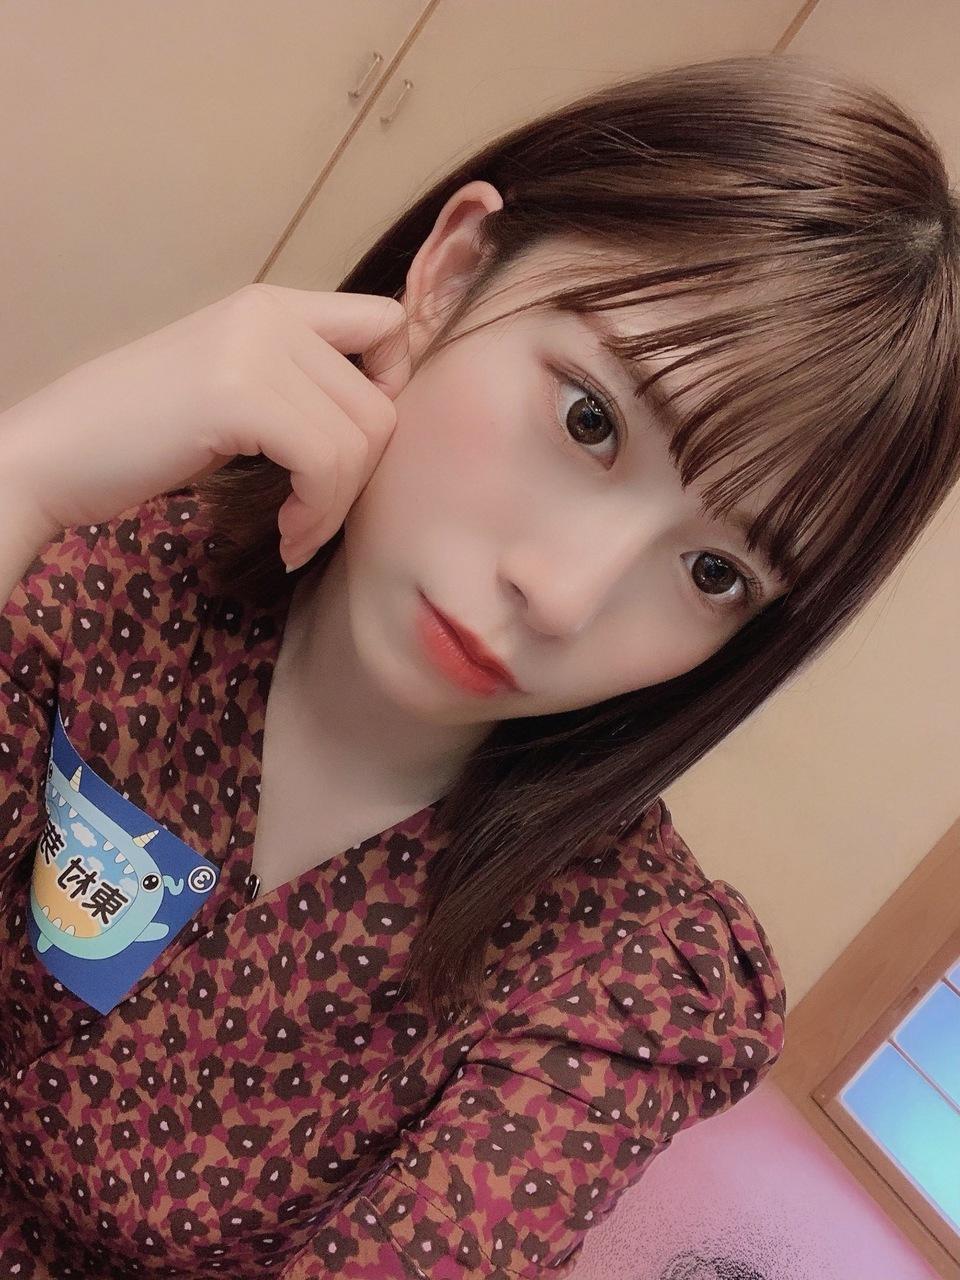 日向坂46メンバーブログまとめ2019年9月18日